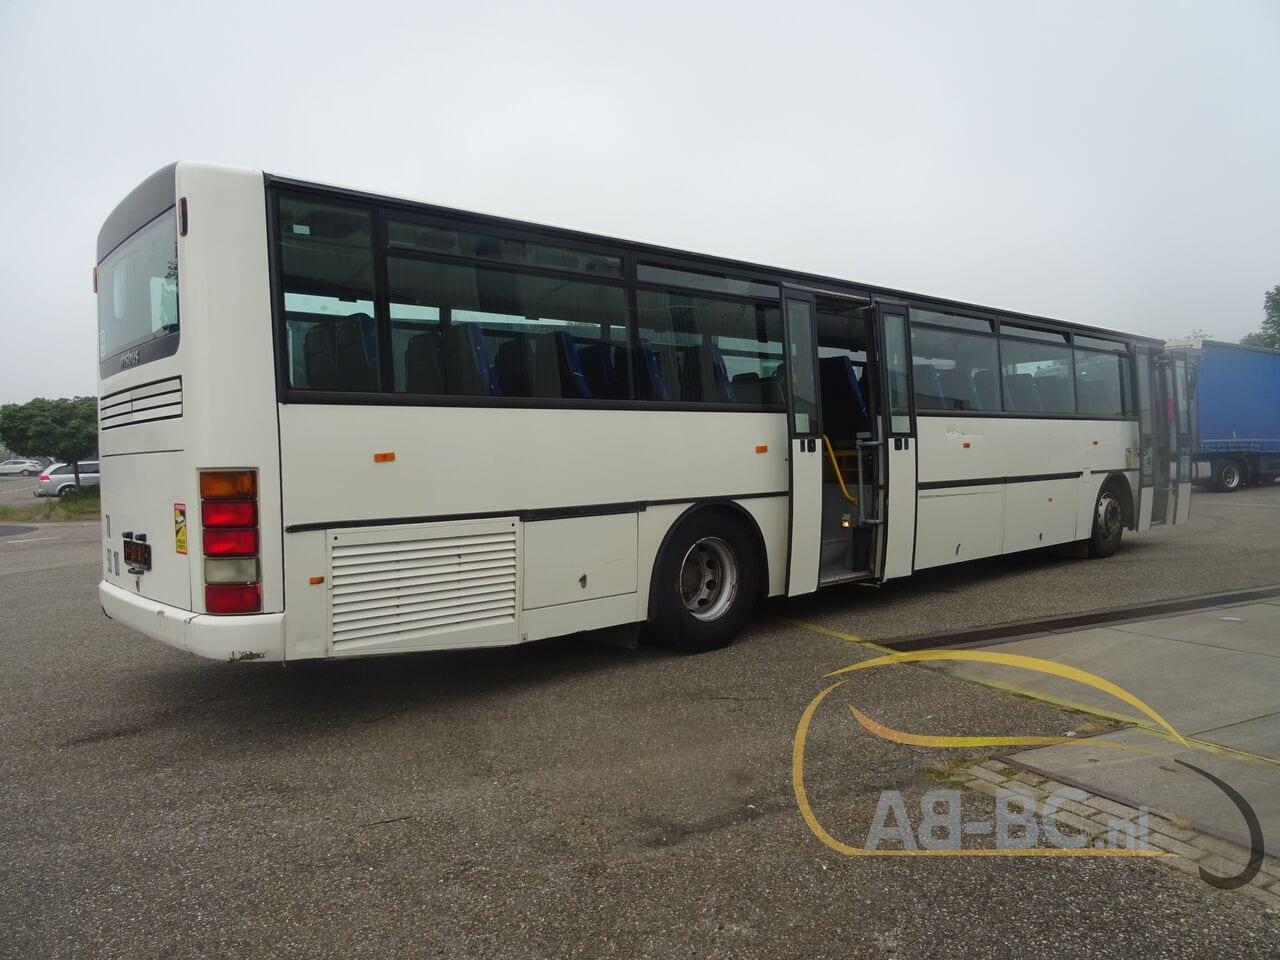 interurban-busIVECO-Irisbus-Recreo-64-Seats---1626159856107255662_big_6676fc50eb87190748a540086f85511f--21071309575983154500